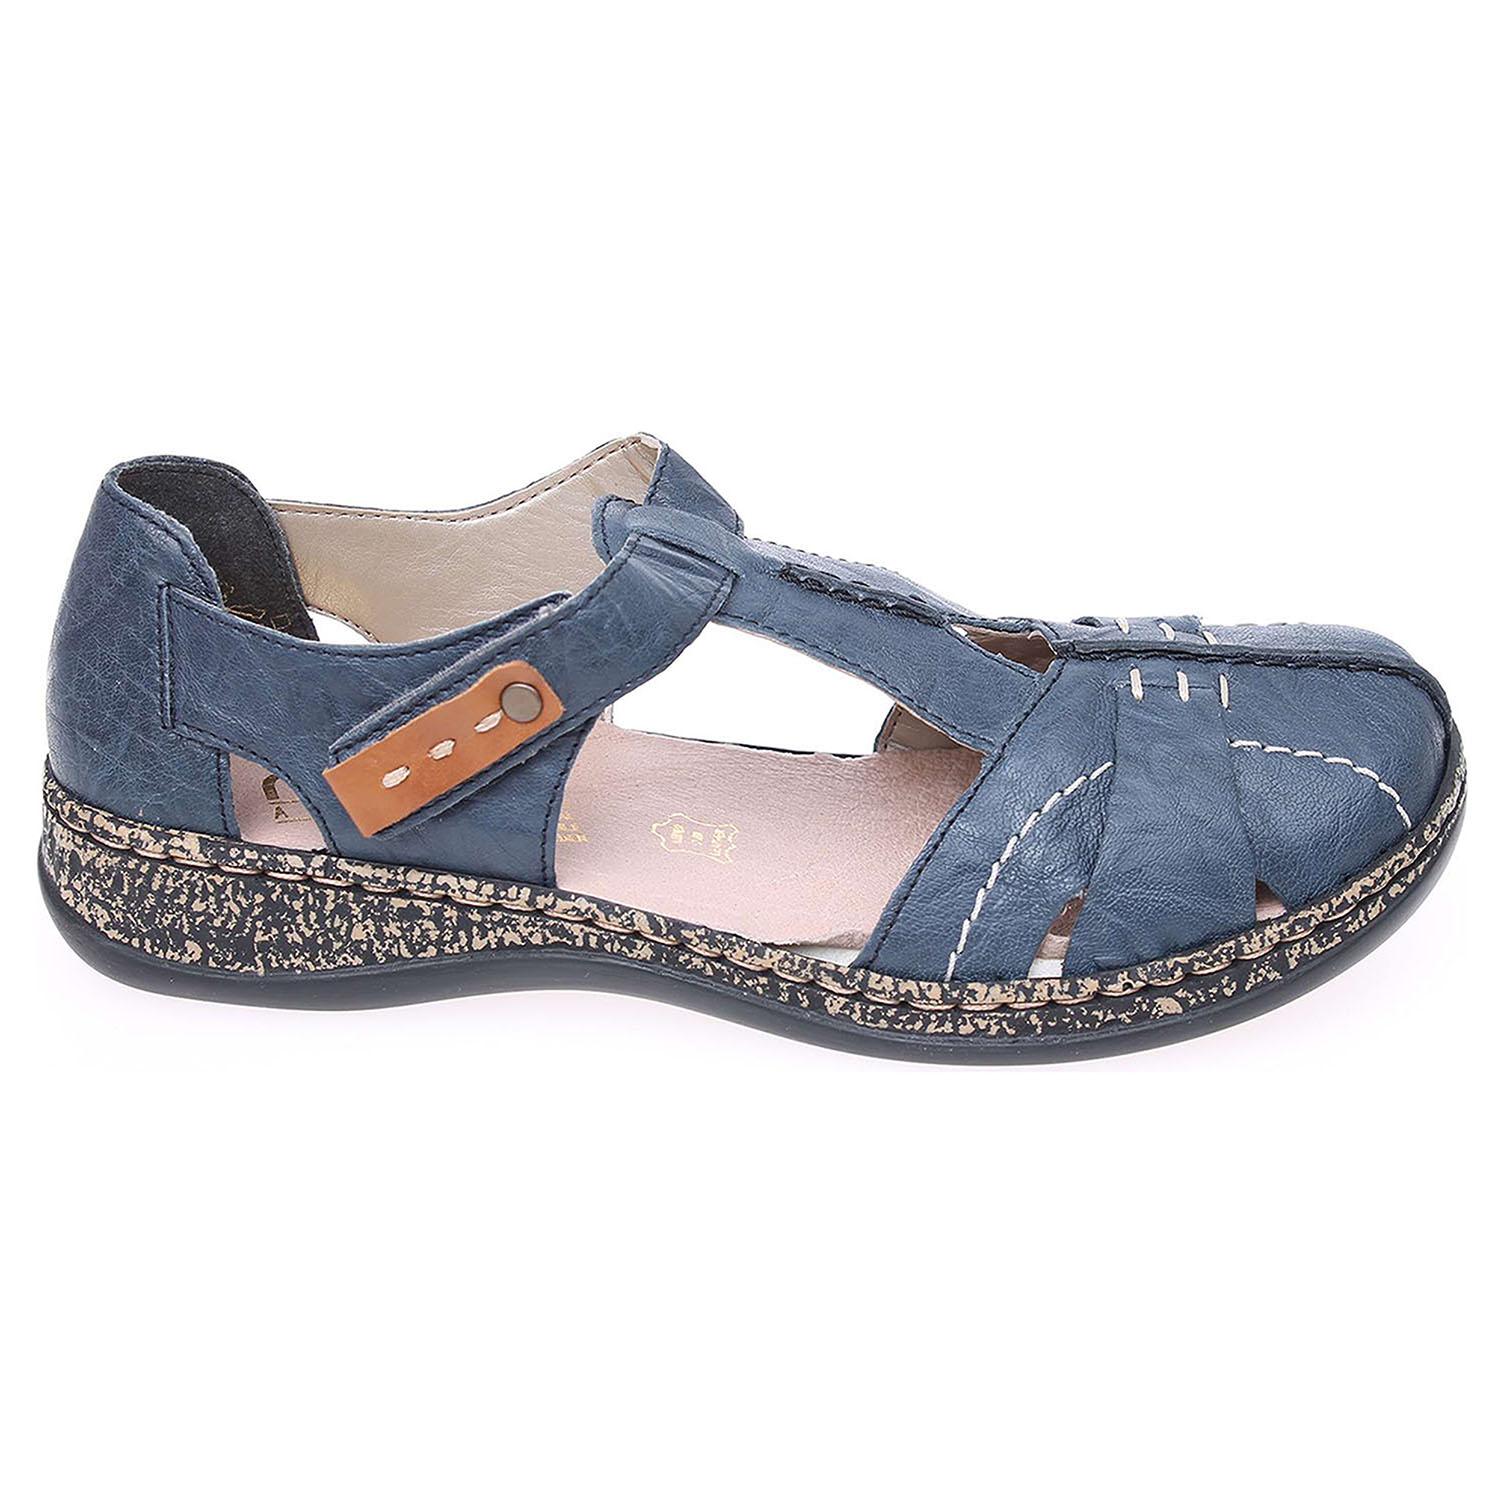 ec2be566d015c Rieker dámské sandály 46380-14 modré | Rejnok obuv